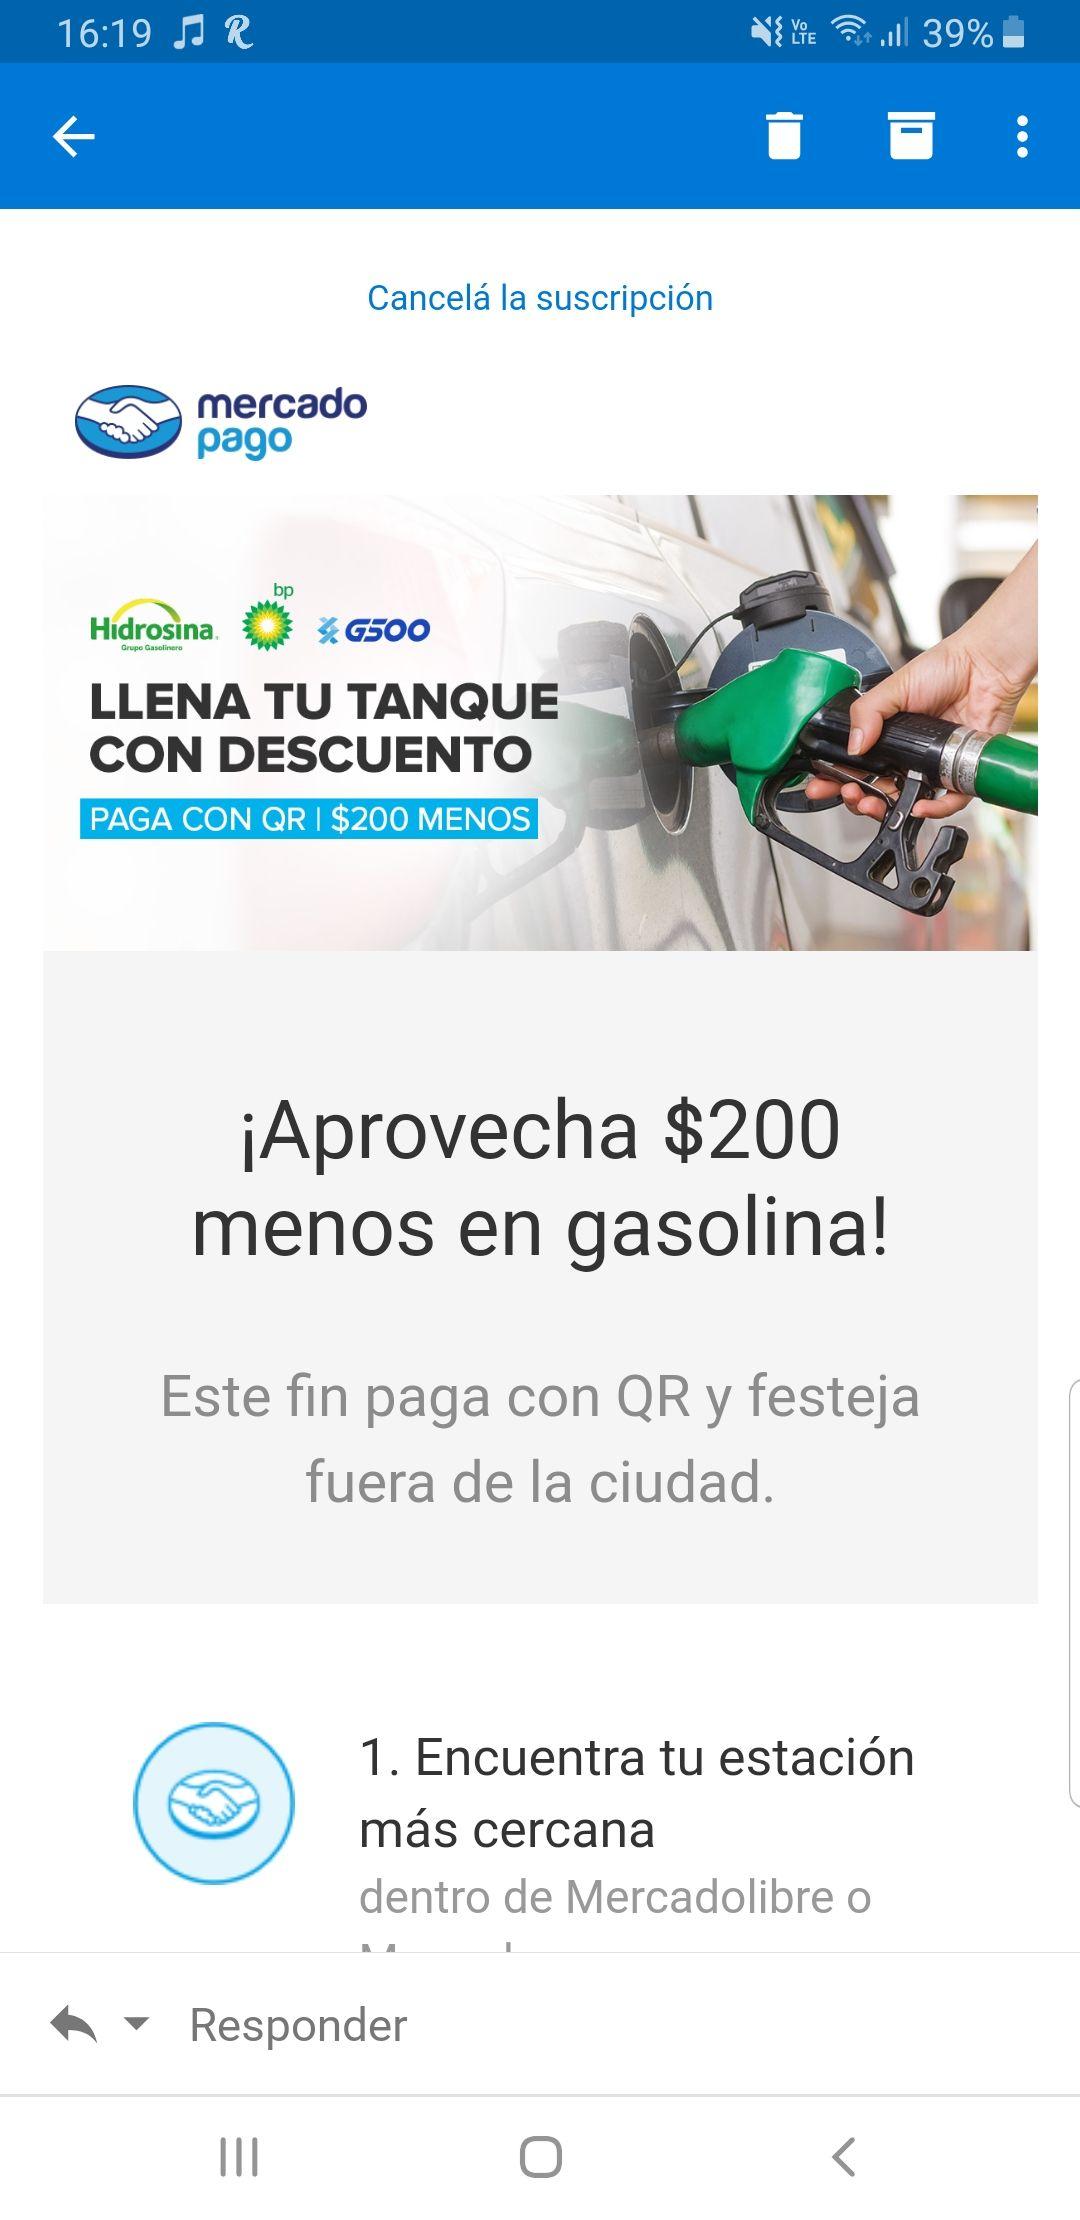 Mercado Pago (QR) $ 200 de descuento en gasolina.